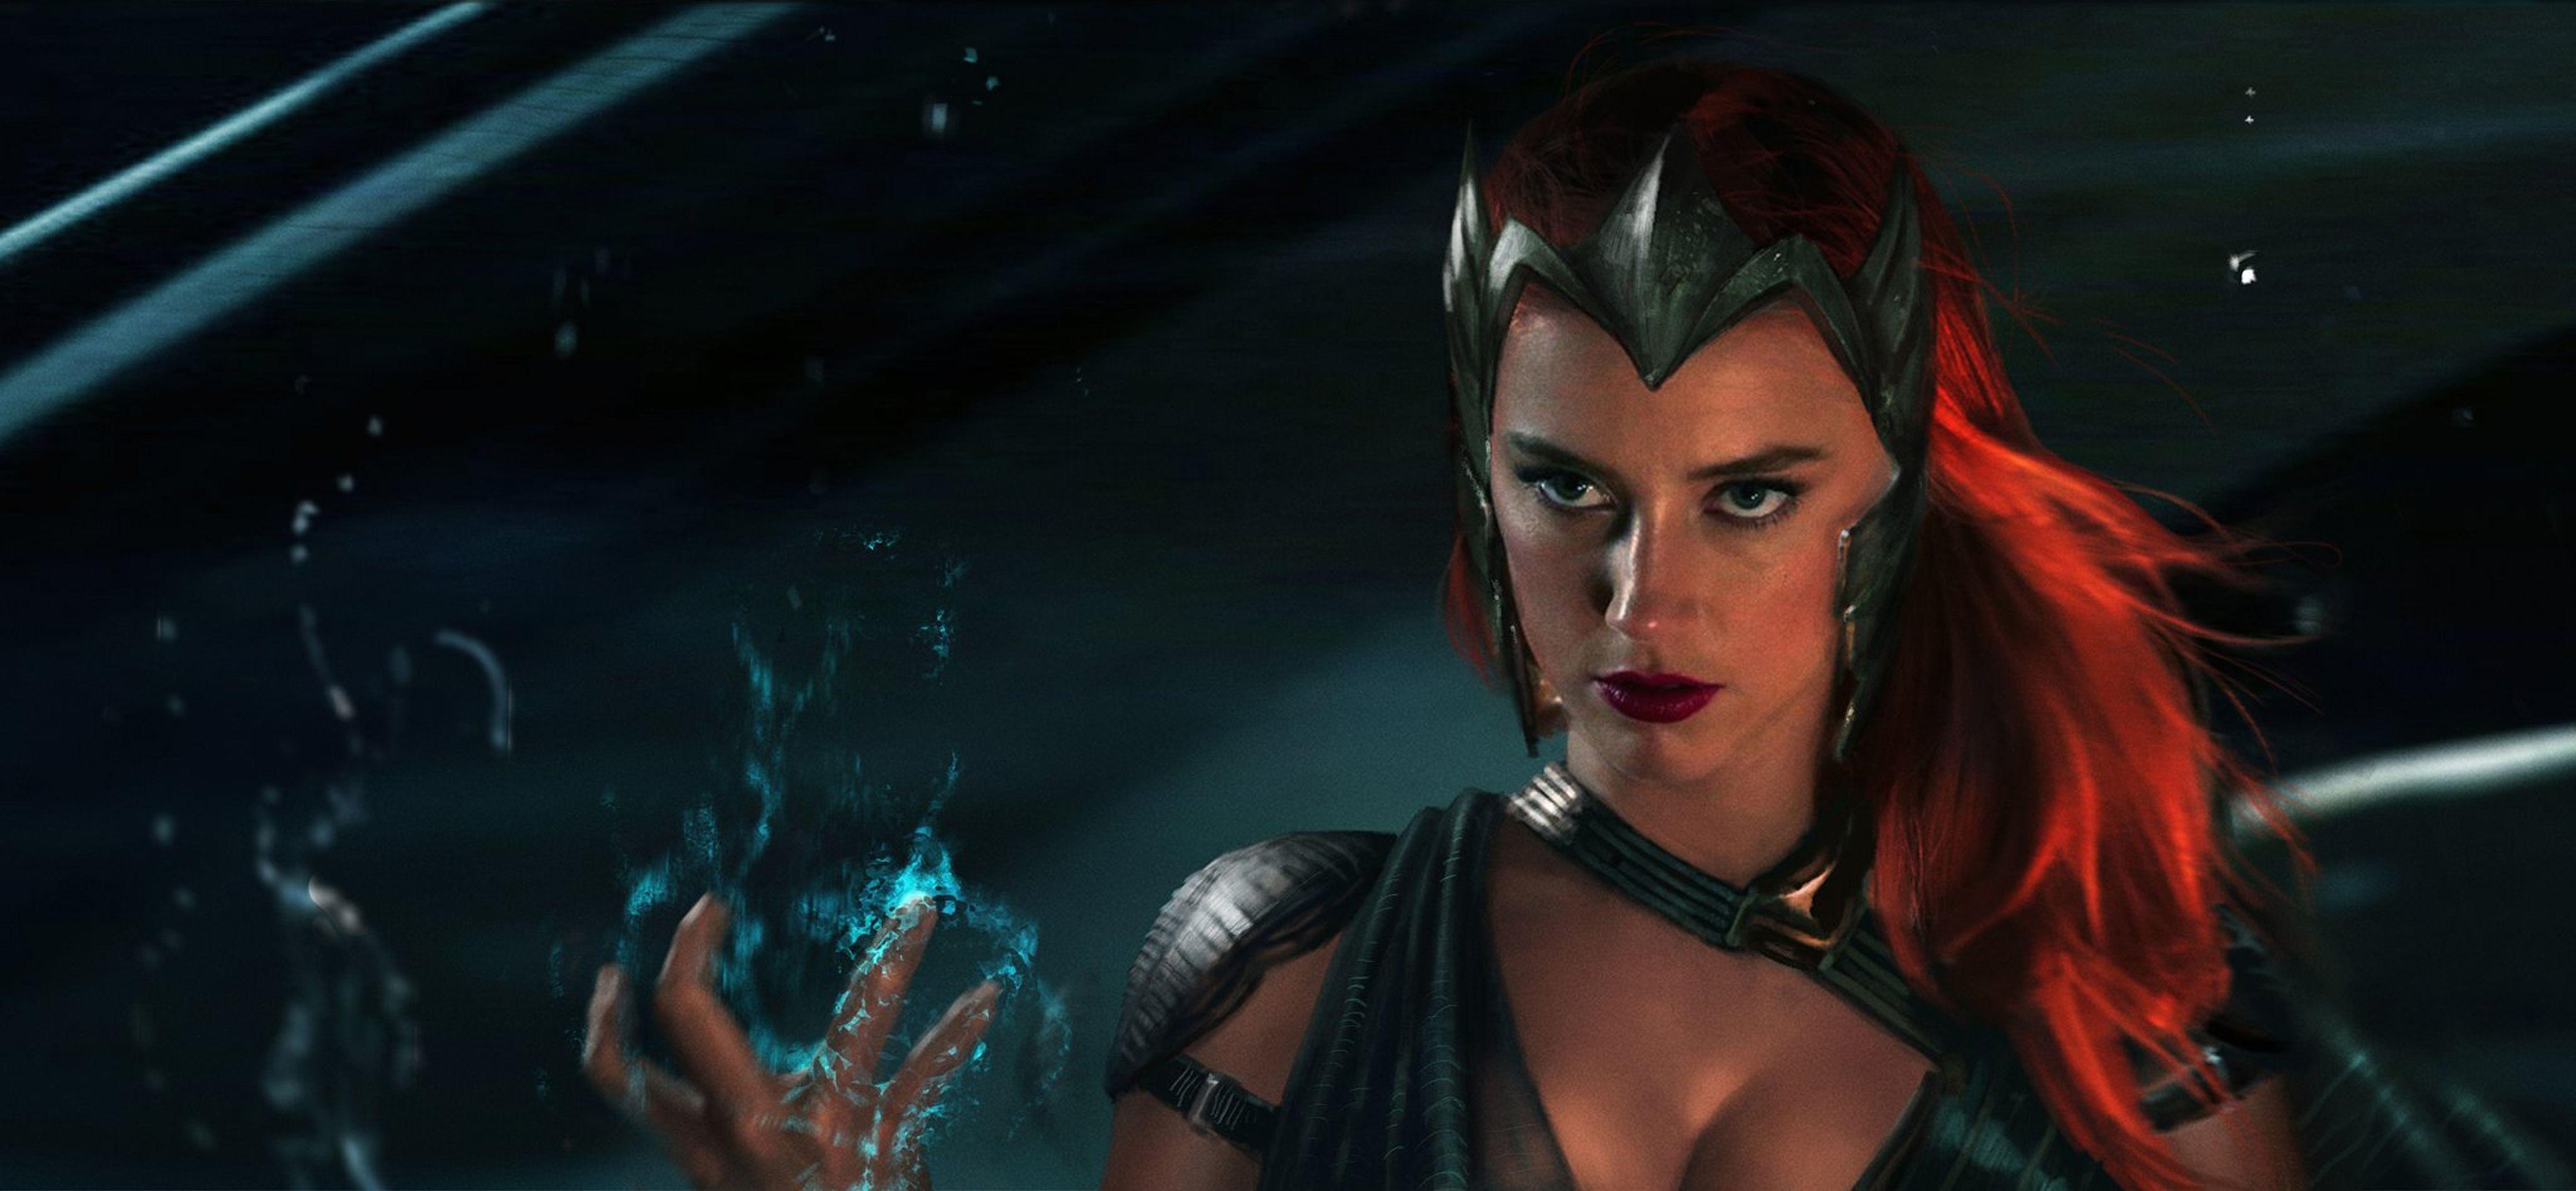 Mera In Aquaman 5k Hd Movies 4k Wallpapers Images